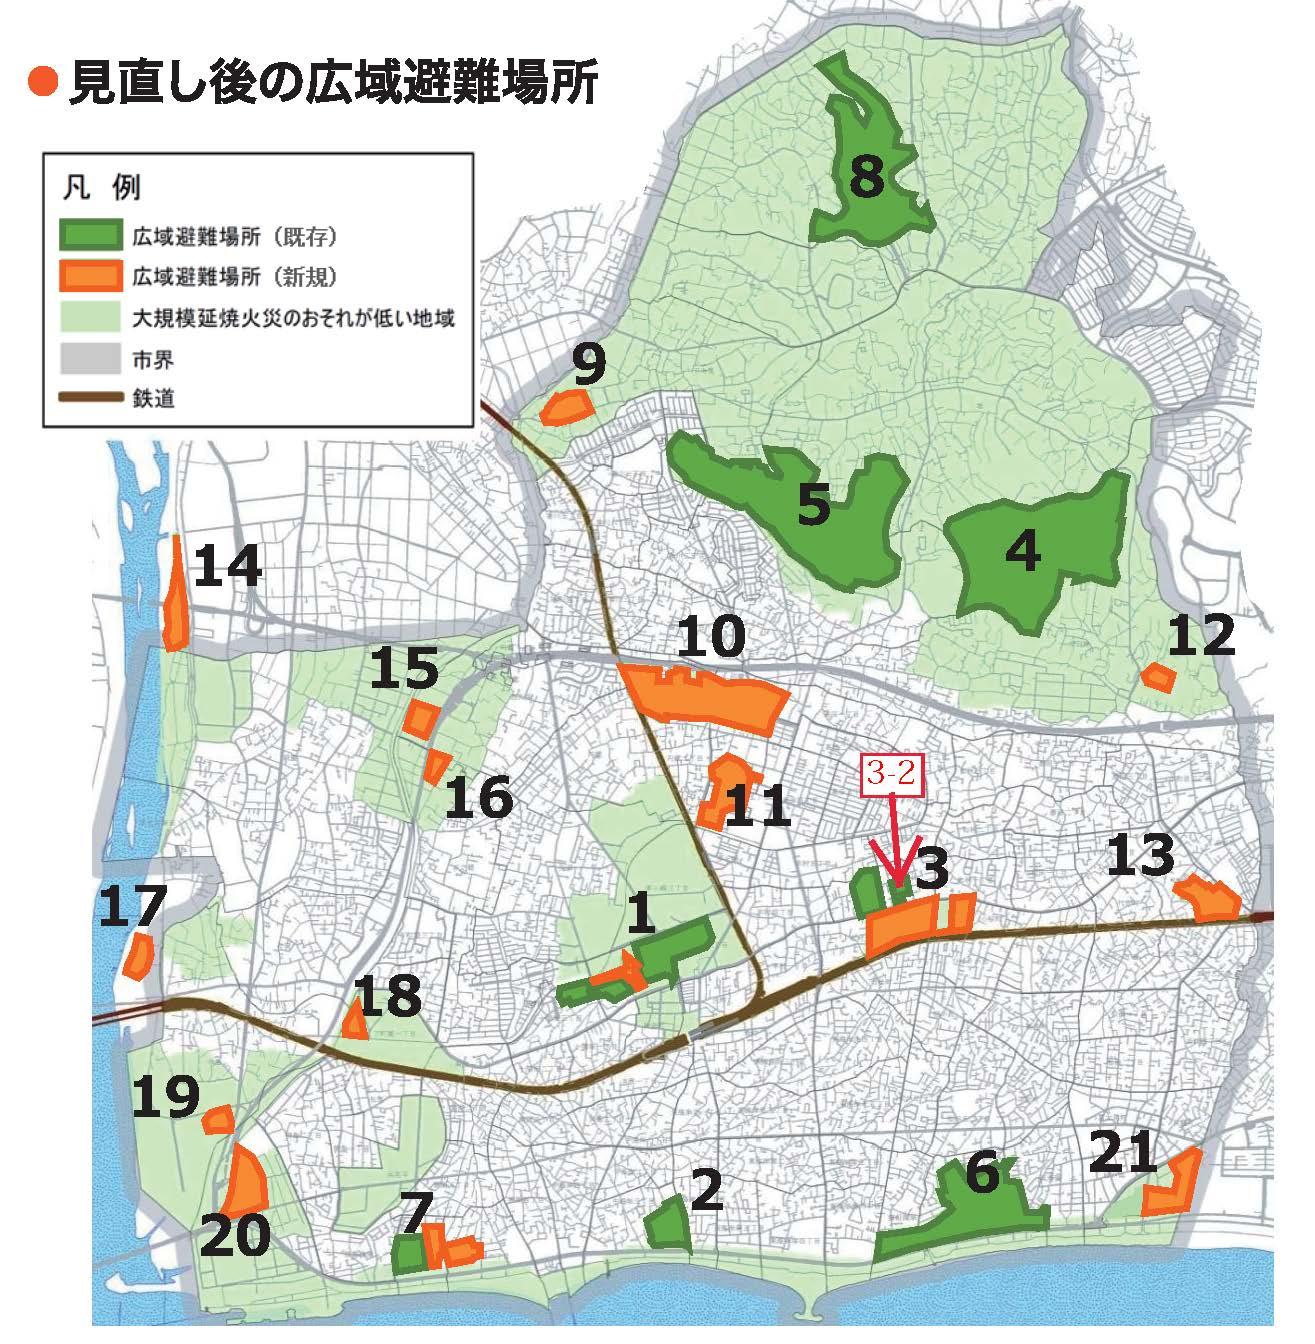 3-2.広域避難場所_茅ヶ崎市地図